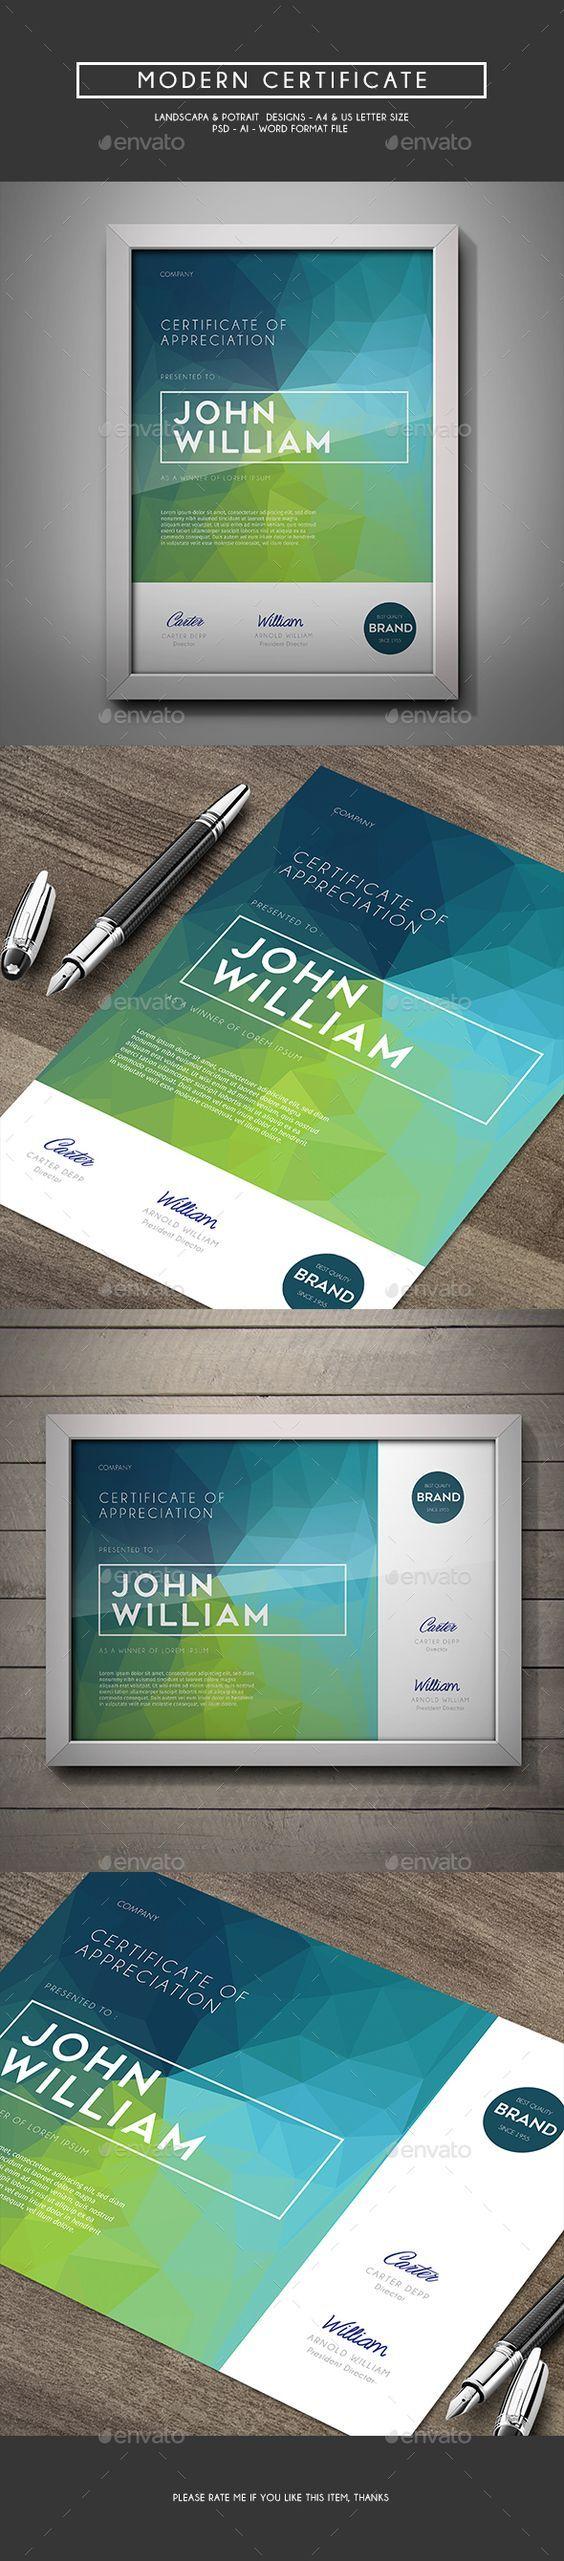 Modern Certificate Template PSD, Vector AI #design Download: http ...